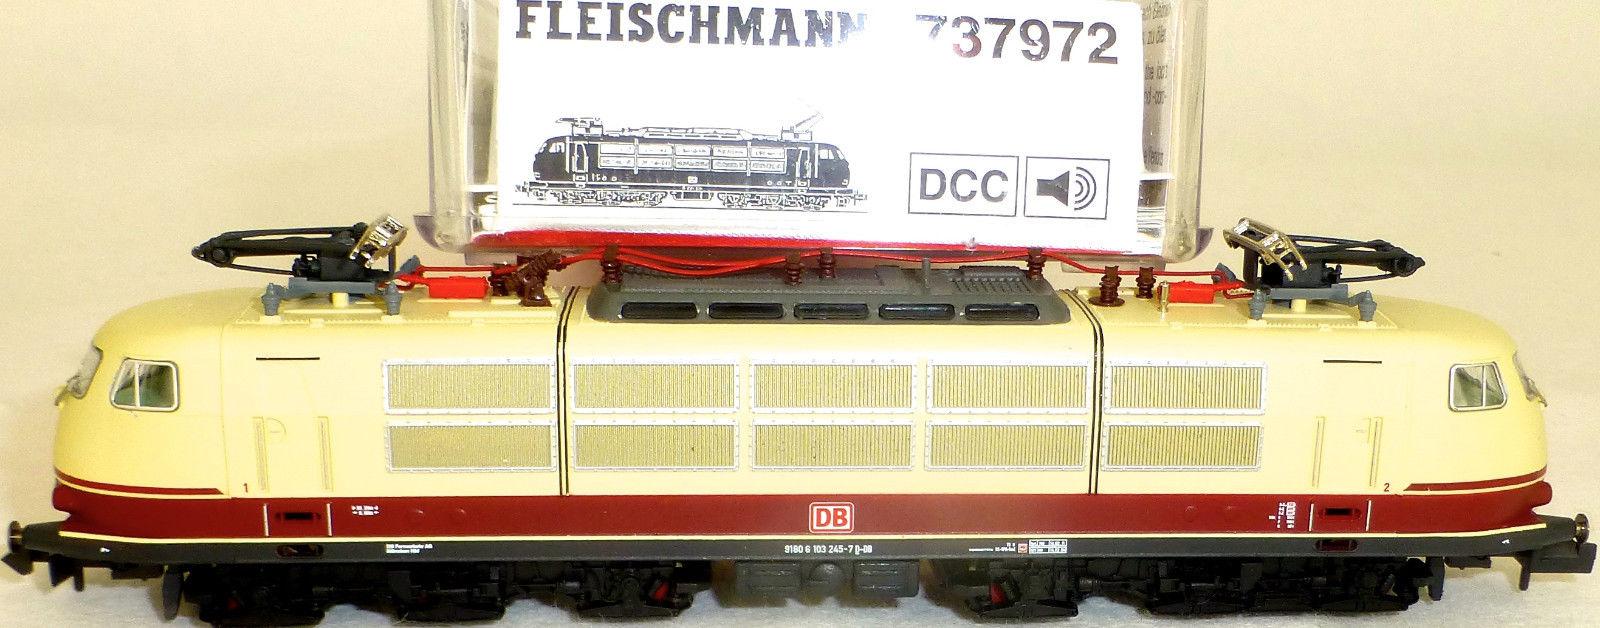 画像2: 鉄道模型 フライシュマン Fleischmann 737972 DB AG E 103 245-7 電気機関車 Nゲージ